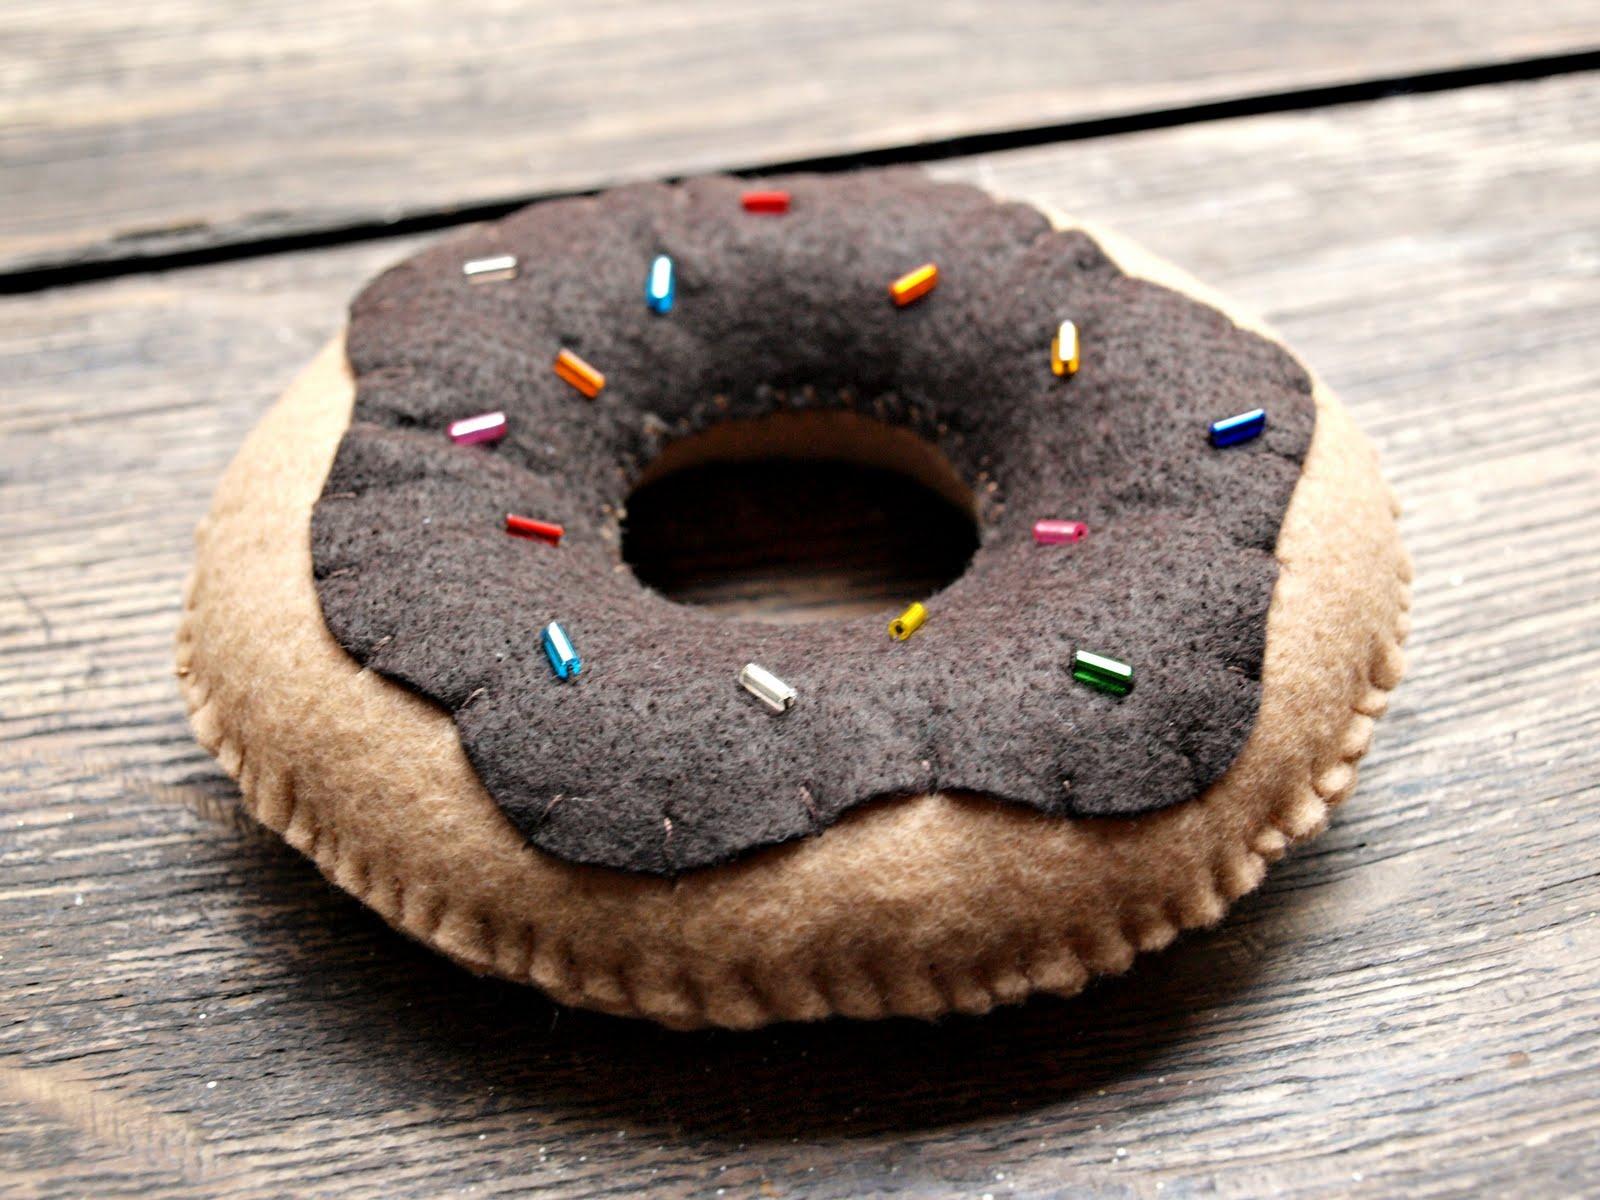 http://1.bp.blogspot.com/-JLcdQ_Bw648/Tls5dr4rmuI/AAAAAAAAD0g/fFnwWC3PHiI/s1600/donut.jpg